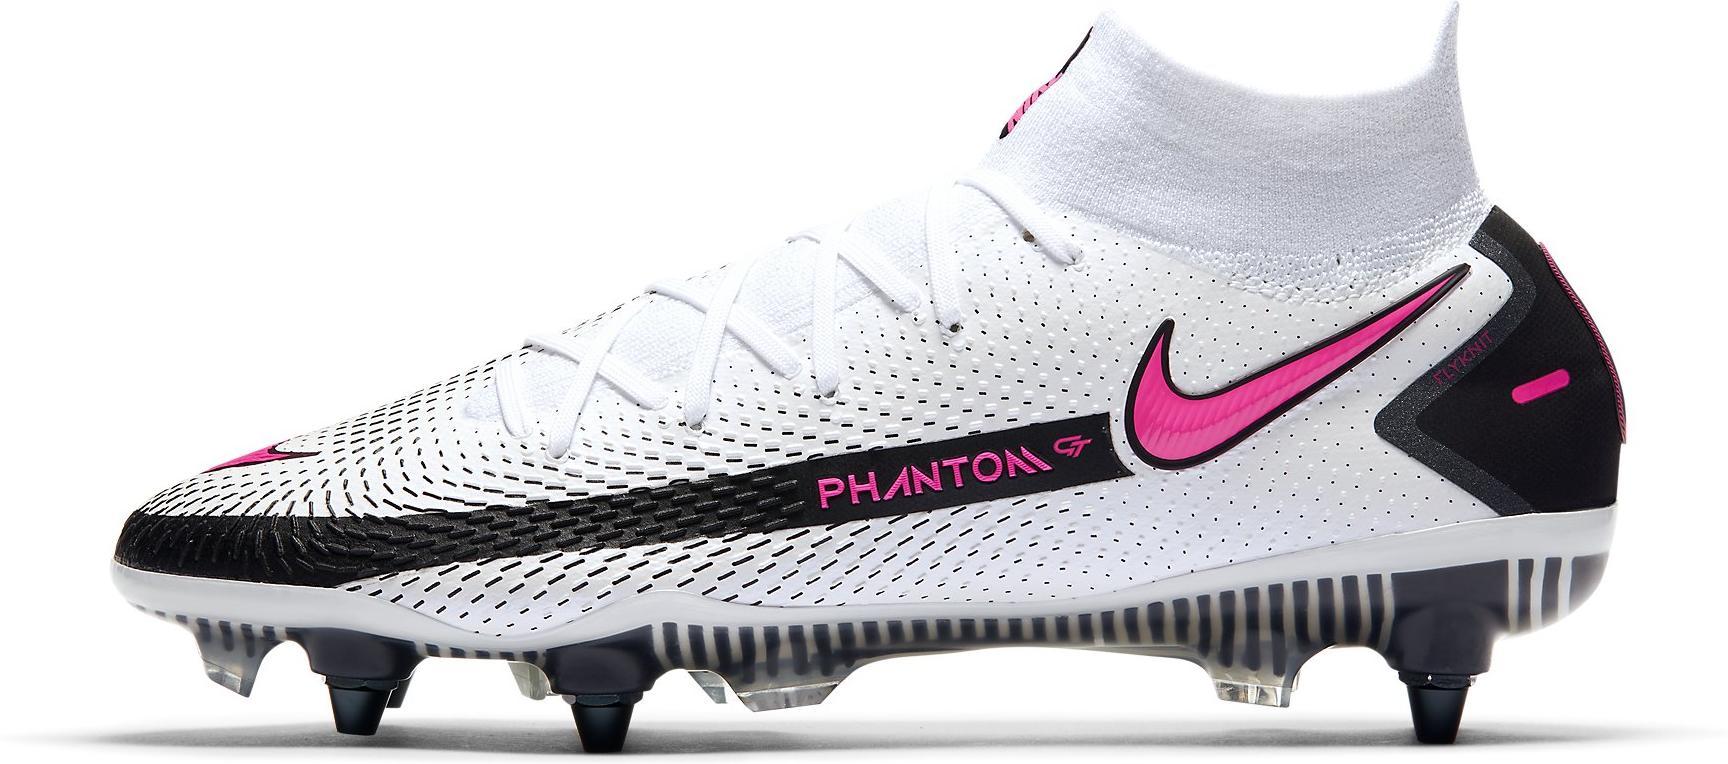 Kopačky Nike PHANTOM GT ELITE DF SG-PRO AC bílá